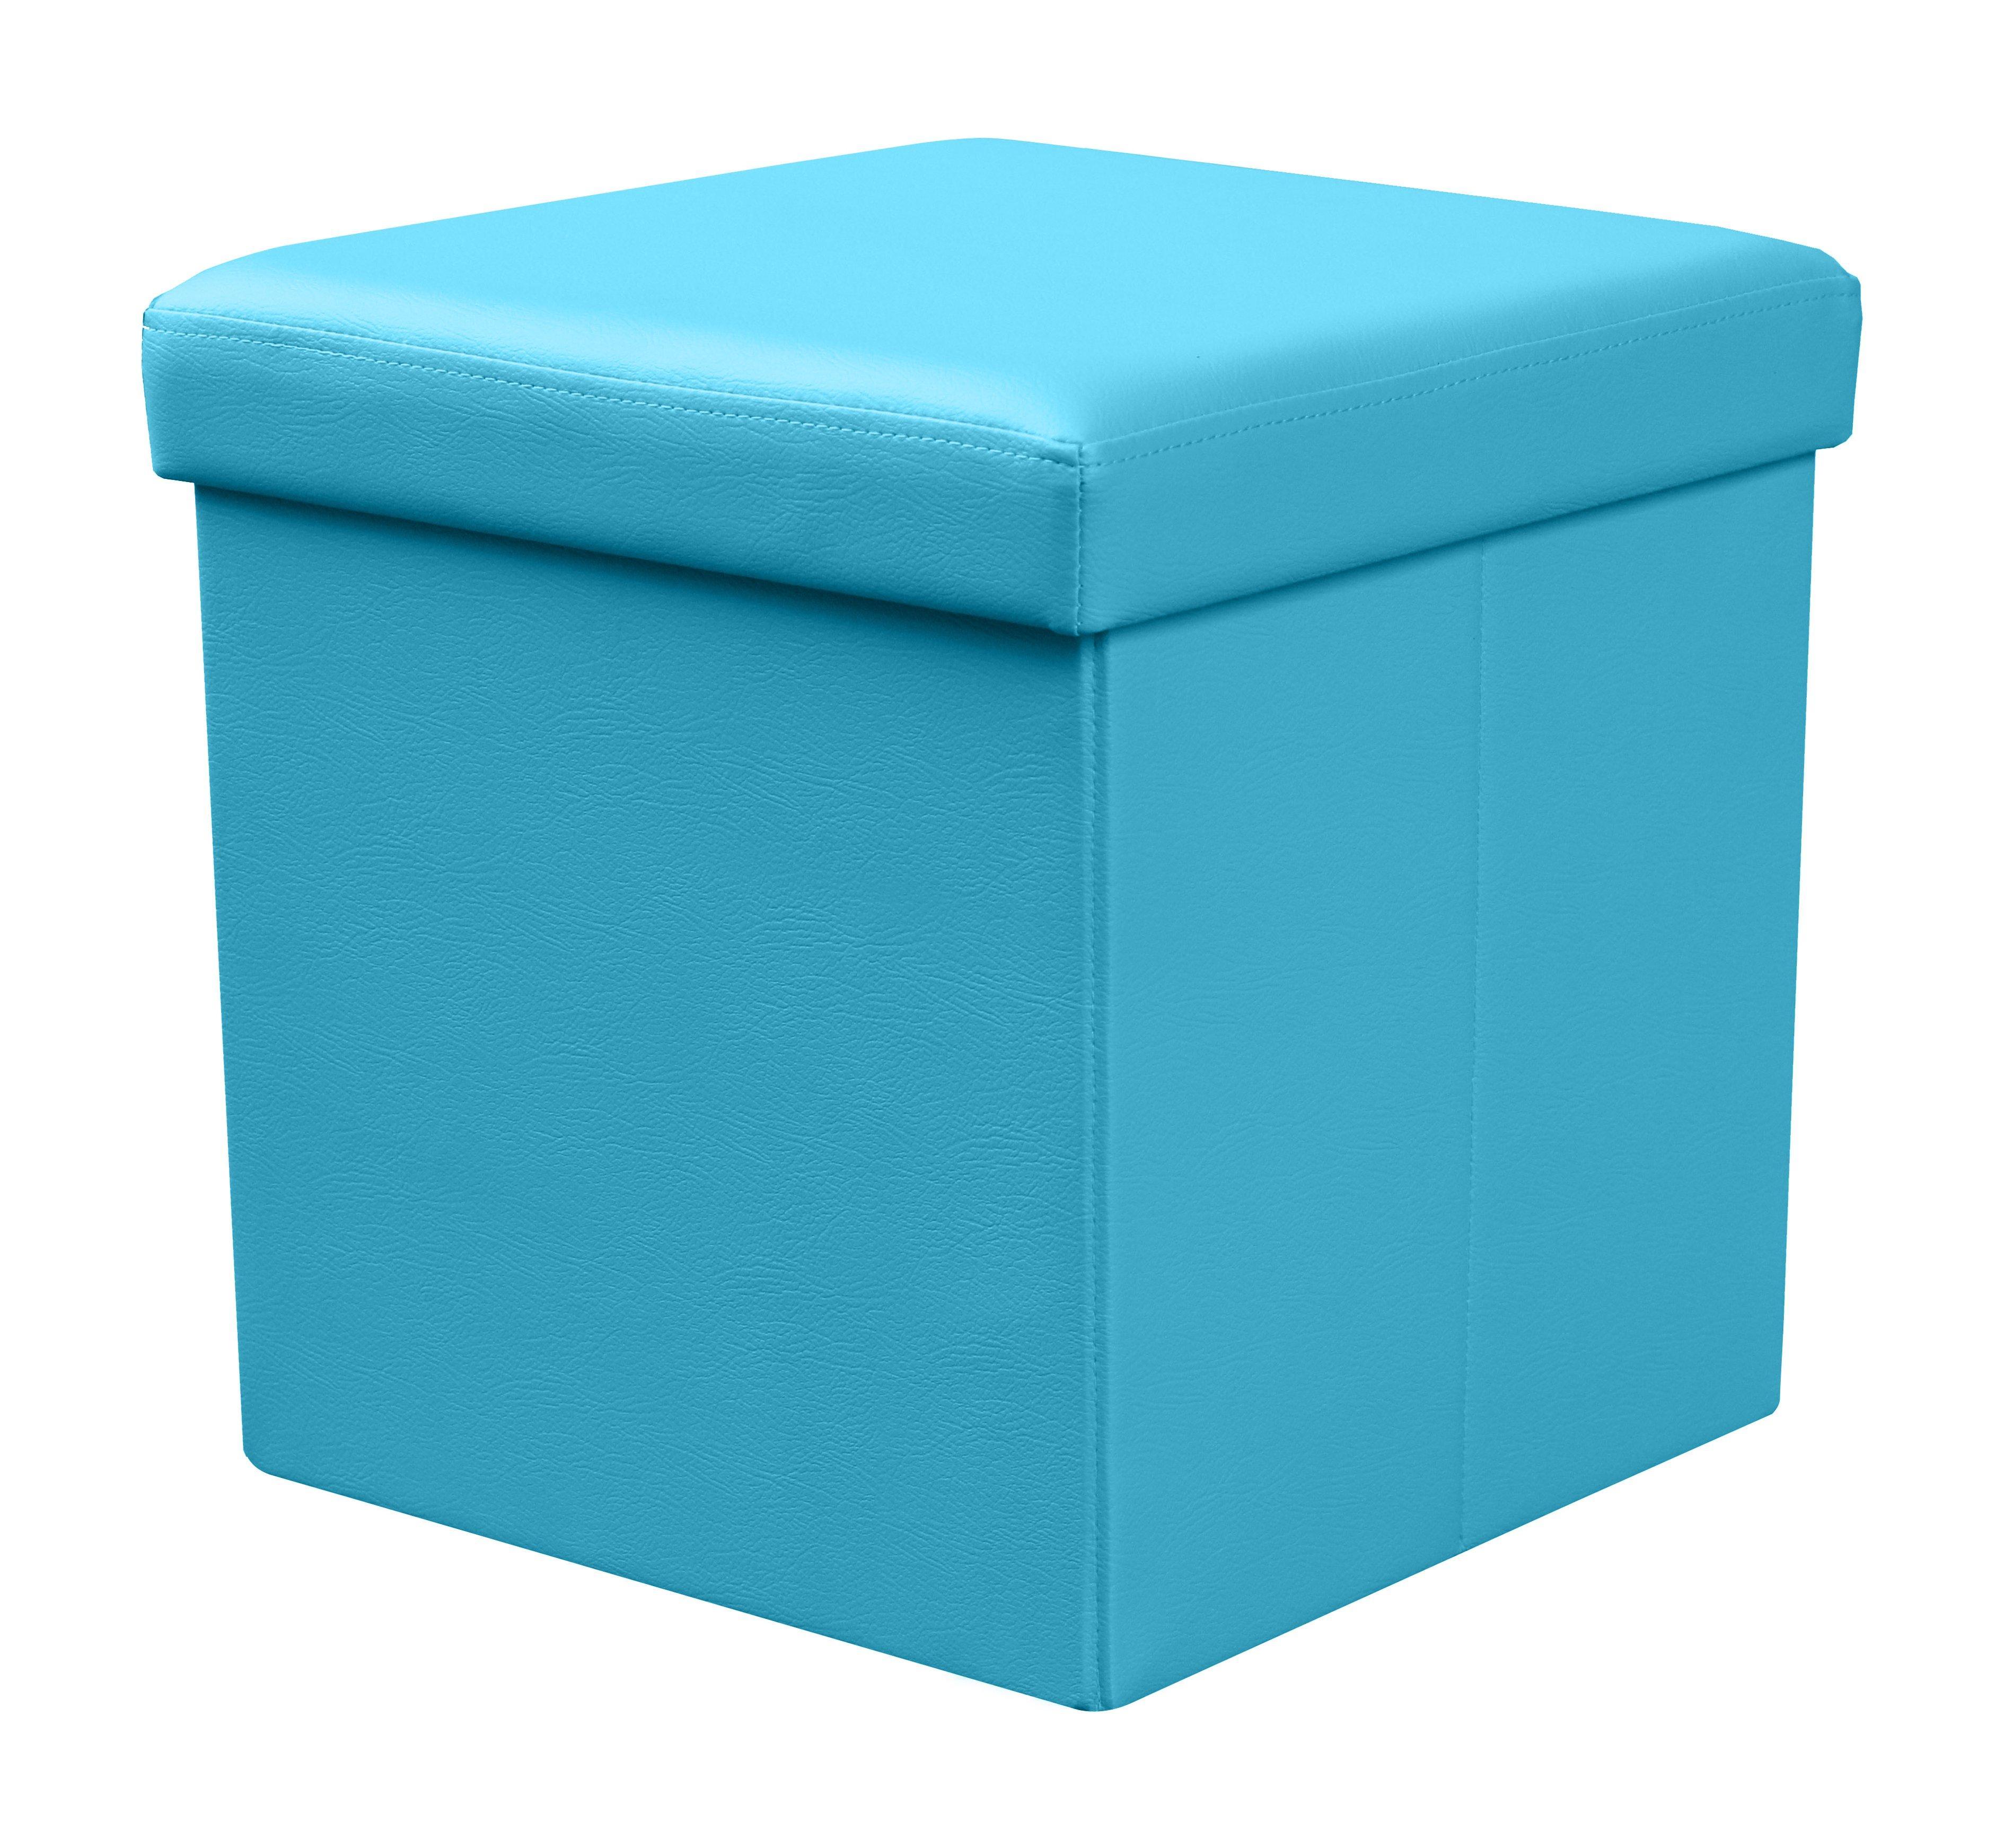 Taburetka - Halmar - Moly (modrá). Sme autorizovaný predajca Halmar.